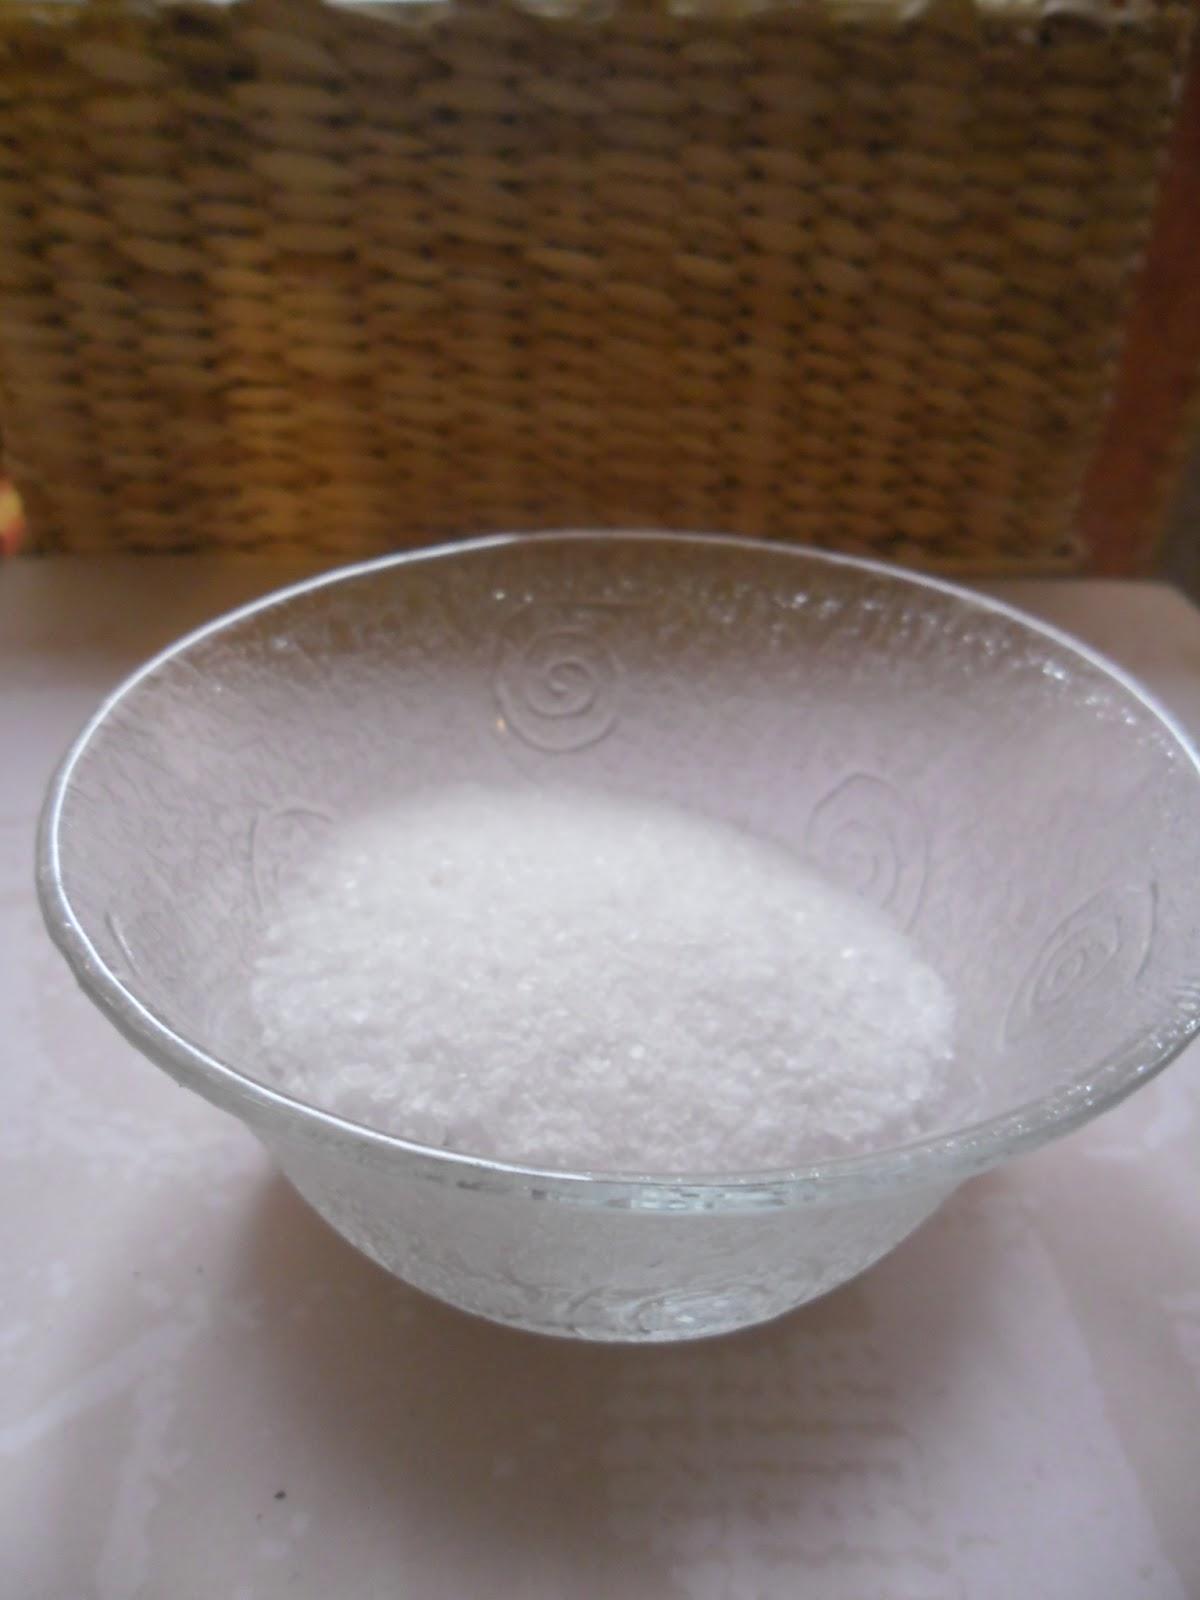 Vive sano ba os de limpieza en casa - Limpieza de casa con sal ...